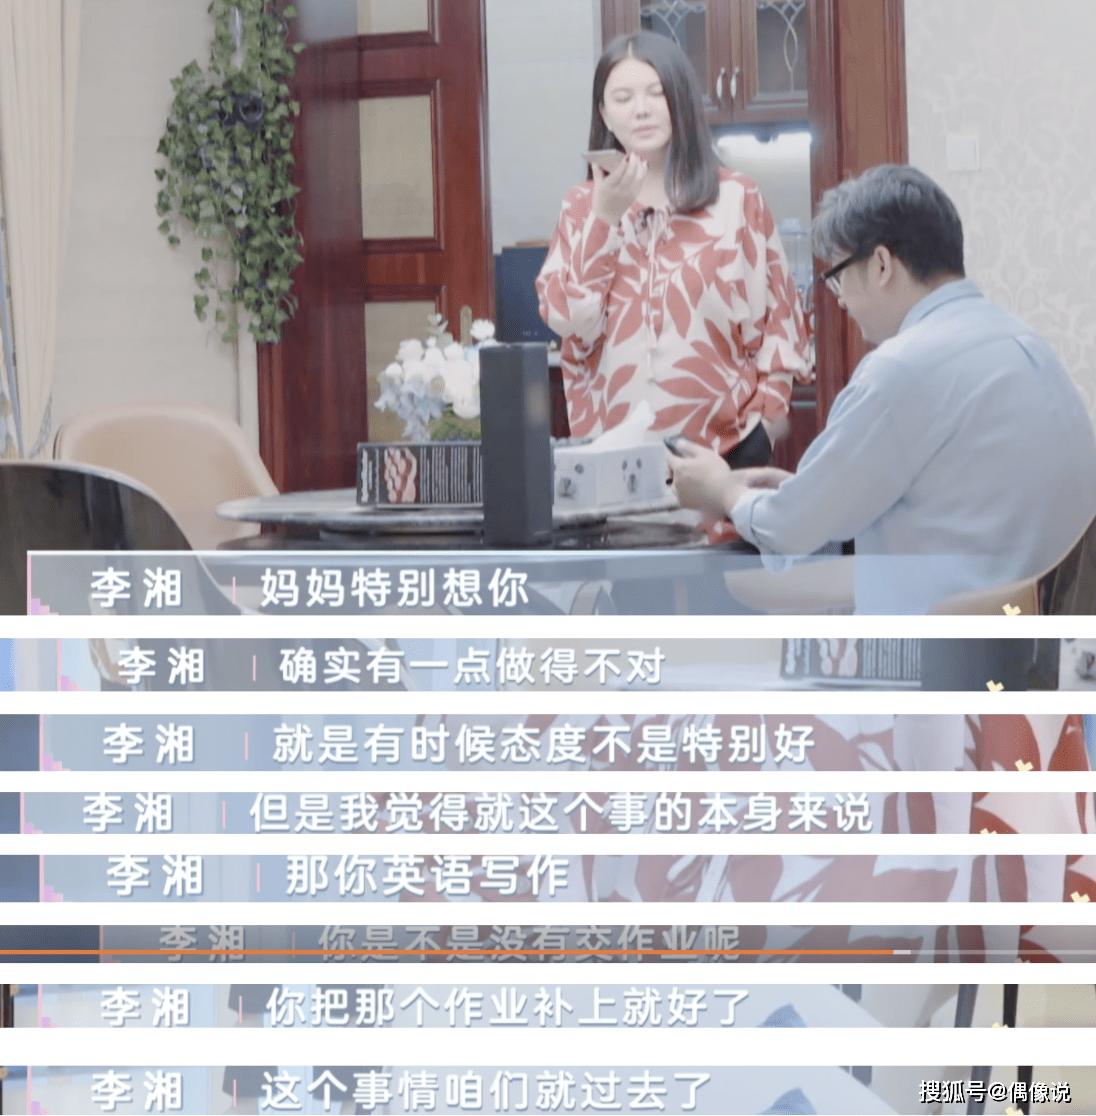 10岁王诗龄没写作业,老师找李湘告状,李湘做法伤害女儿自尊心